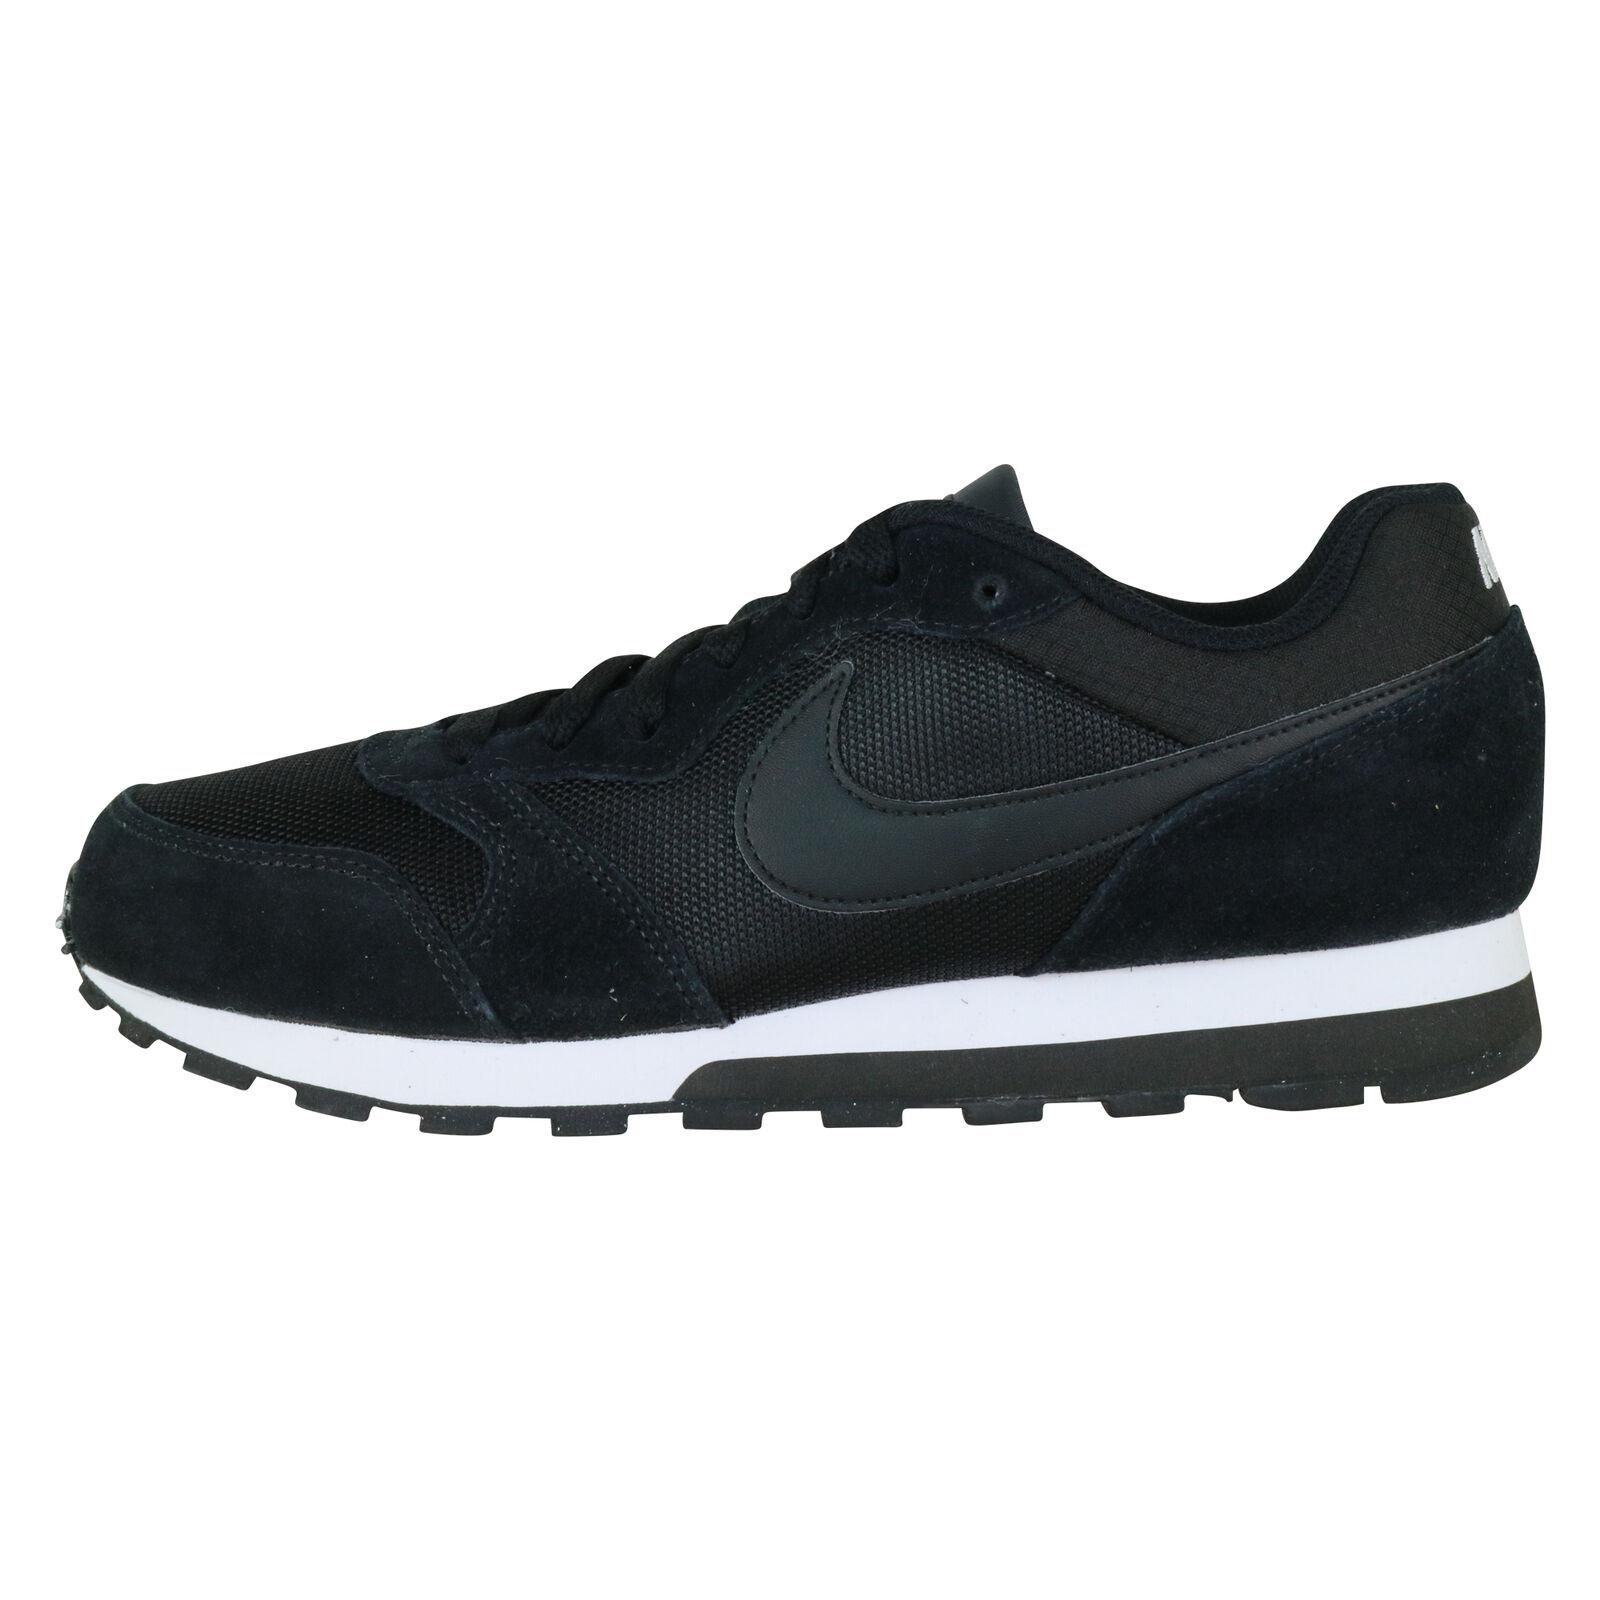 Nike MD Runner Freizeitschuhe 2 Damens Damen Freizeitschuhe Runner Sneaker 749869-001 b324d6